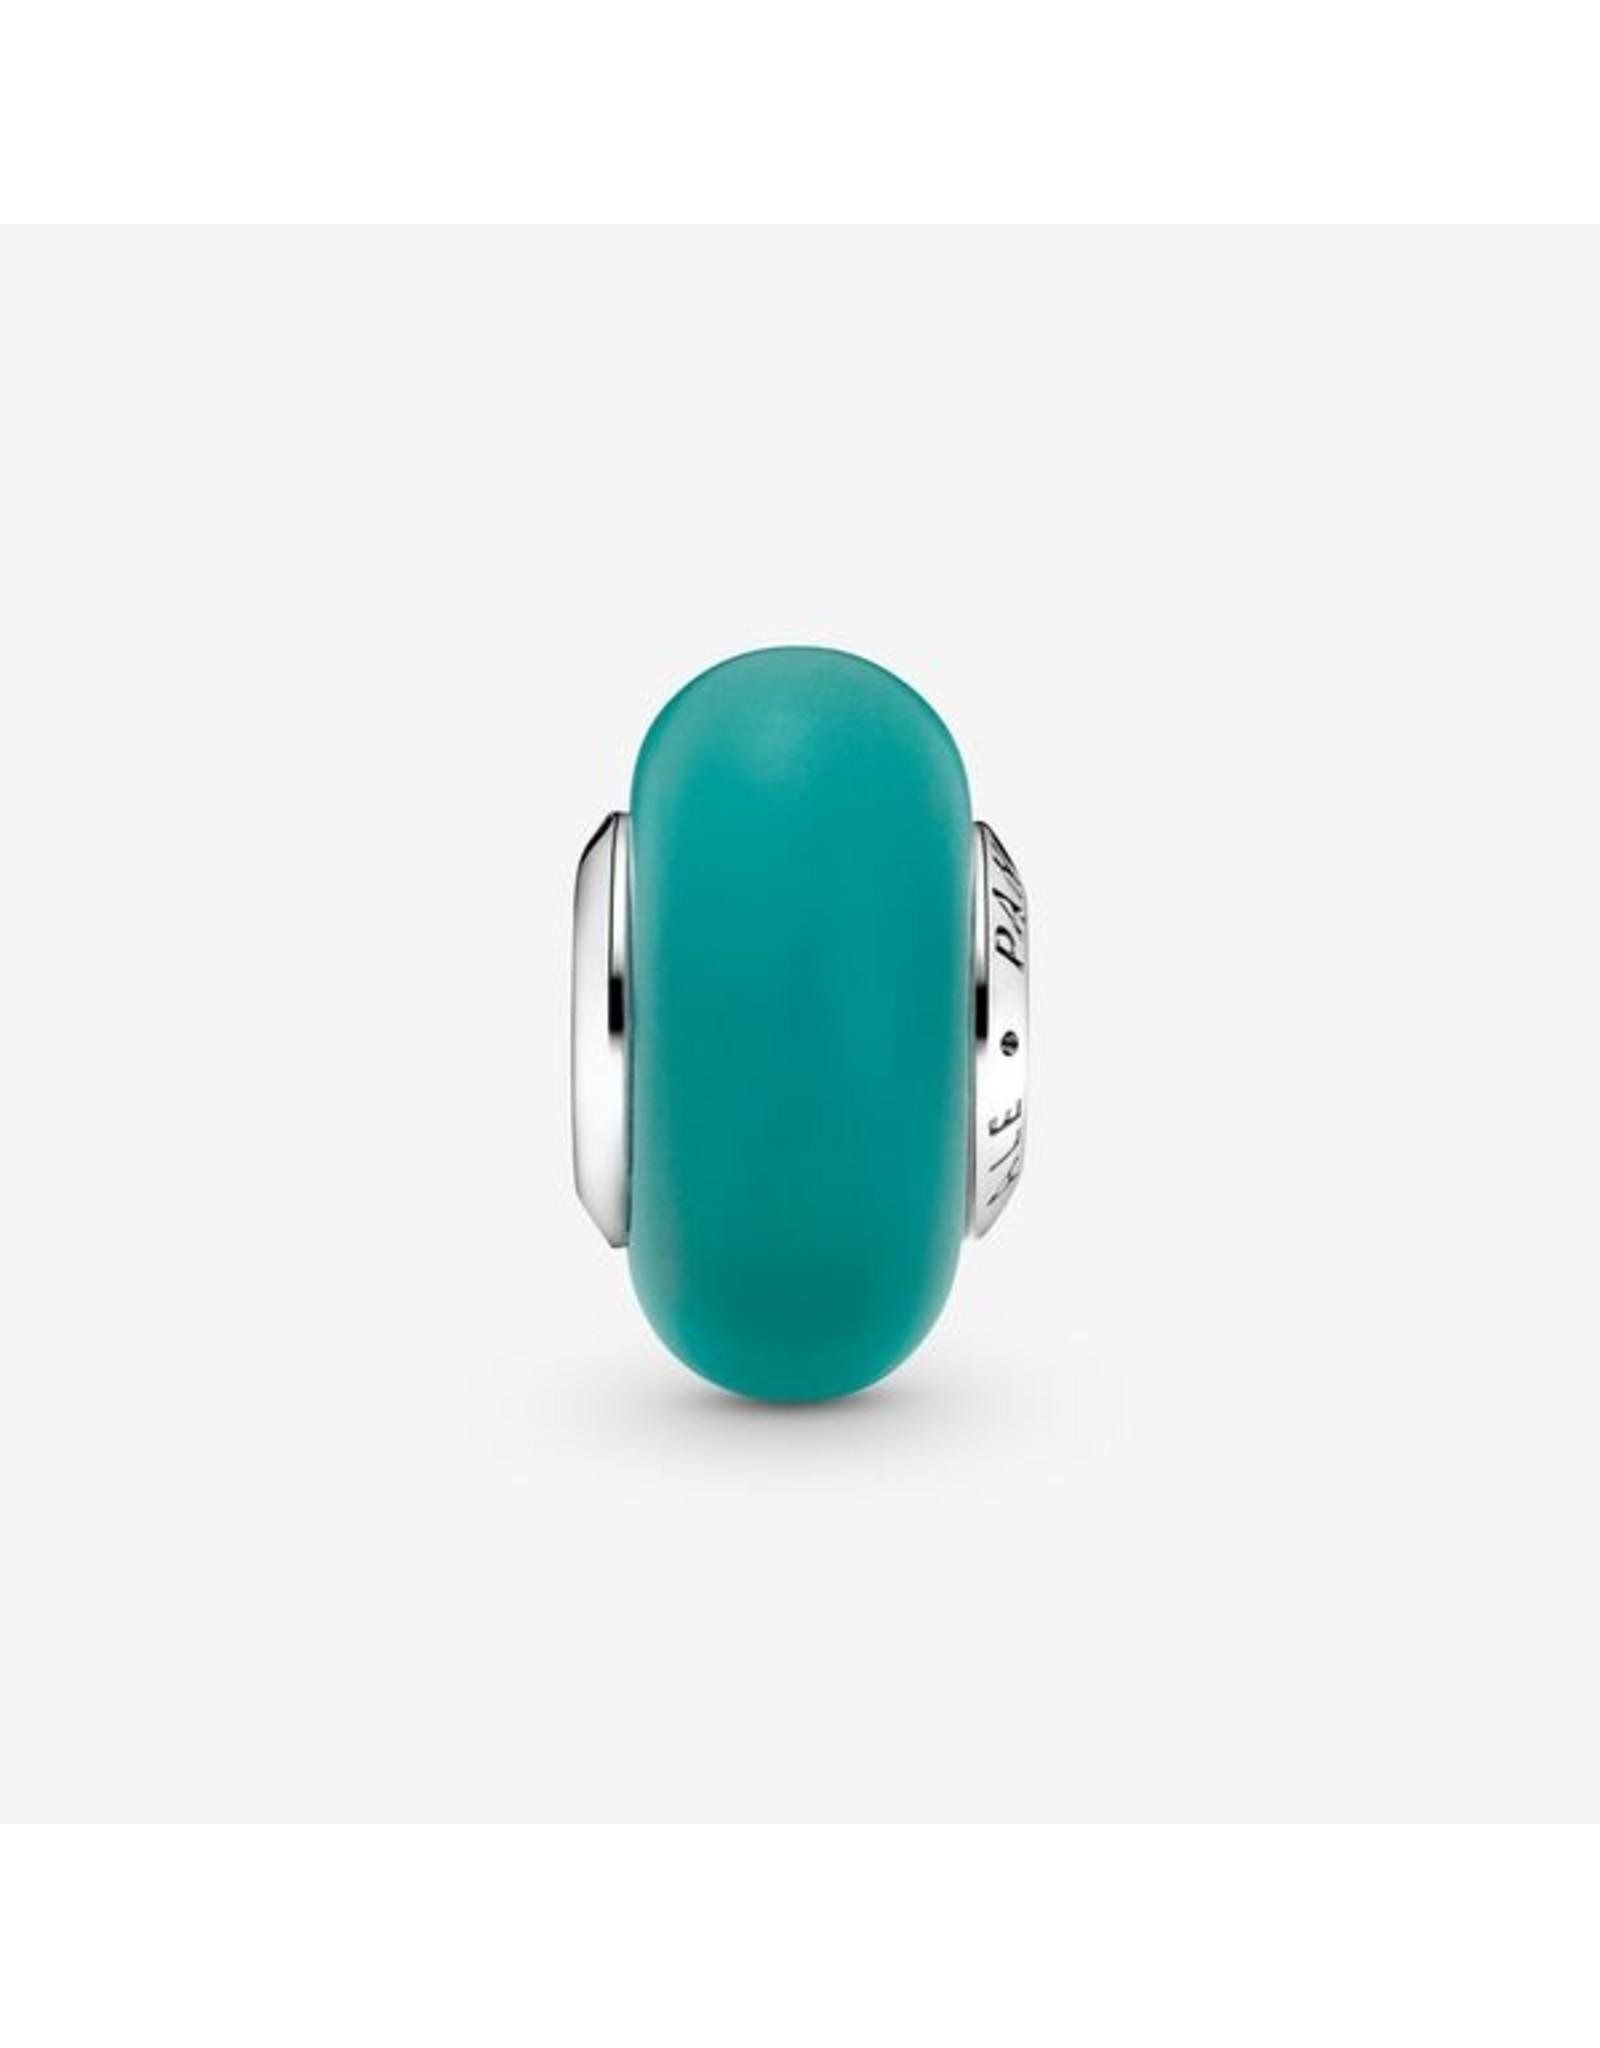 Pandora Pandora Charm, 799555C00, Matte Green Murano Glass